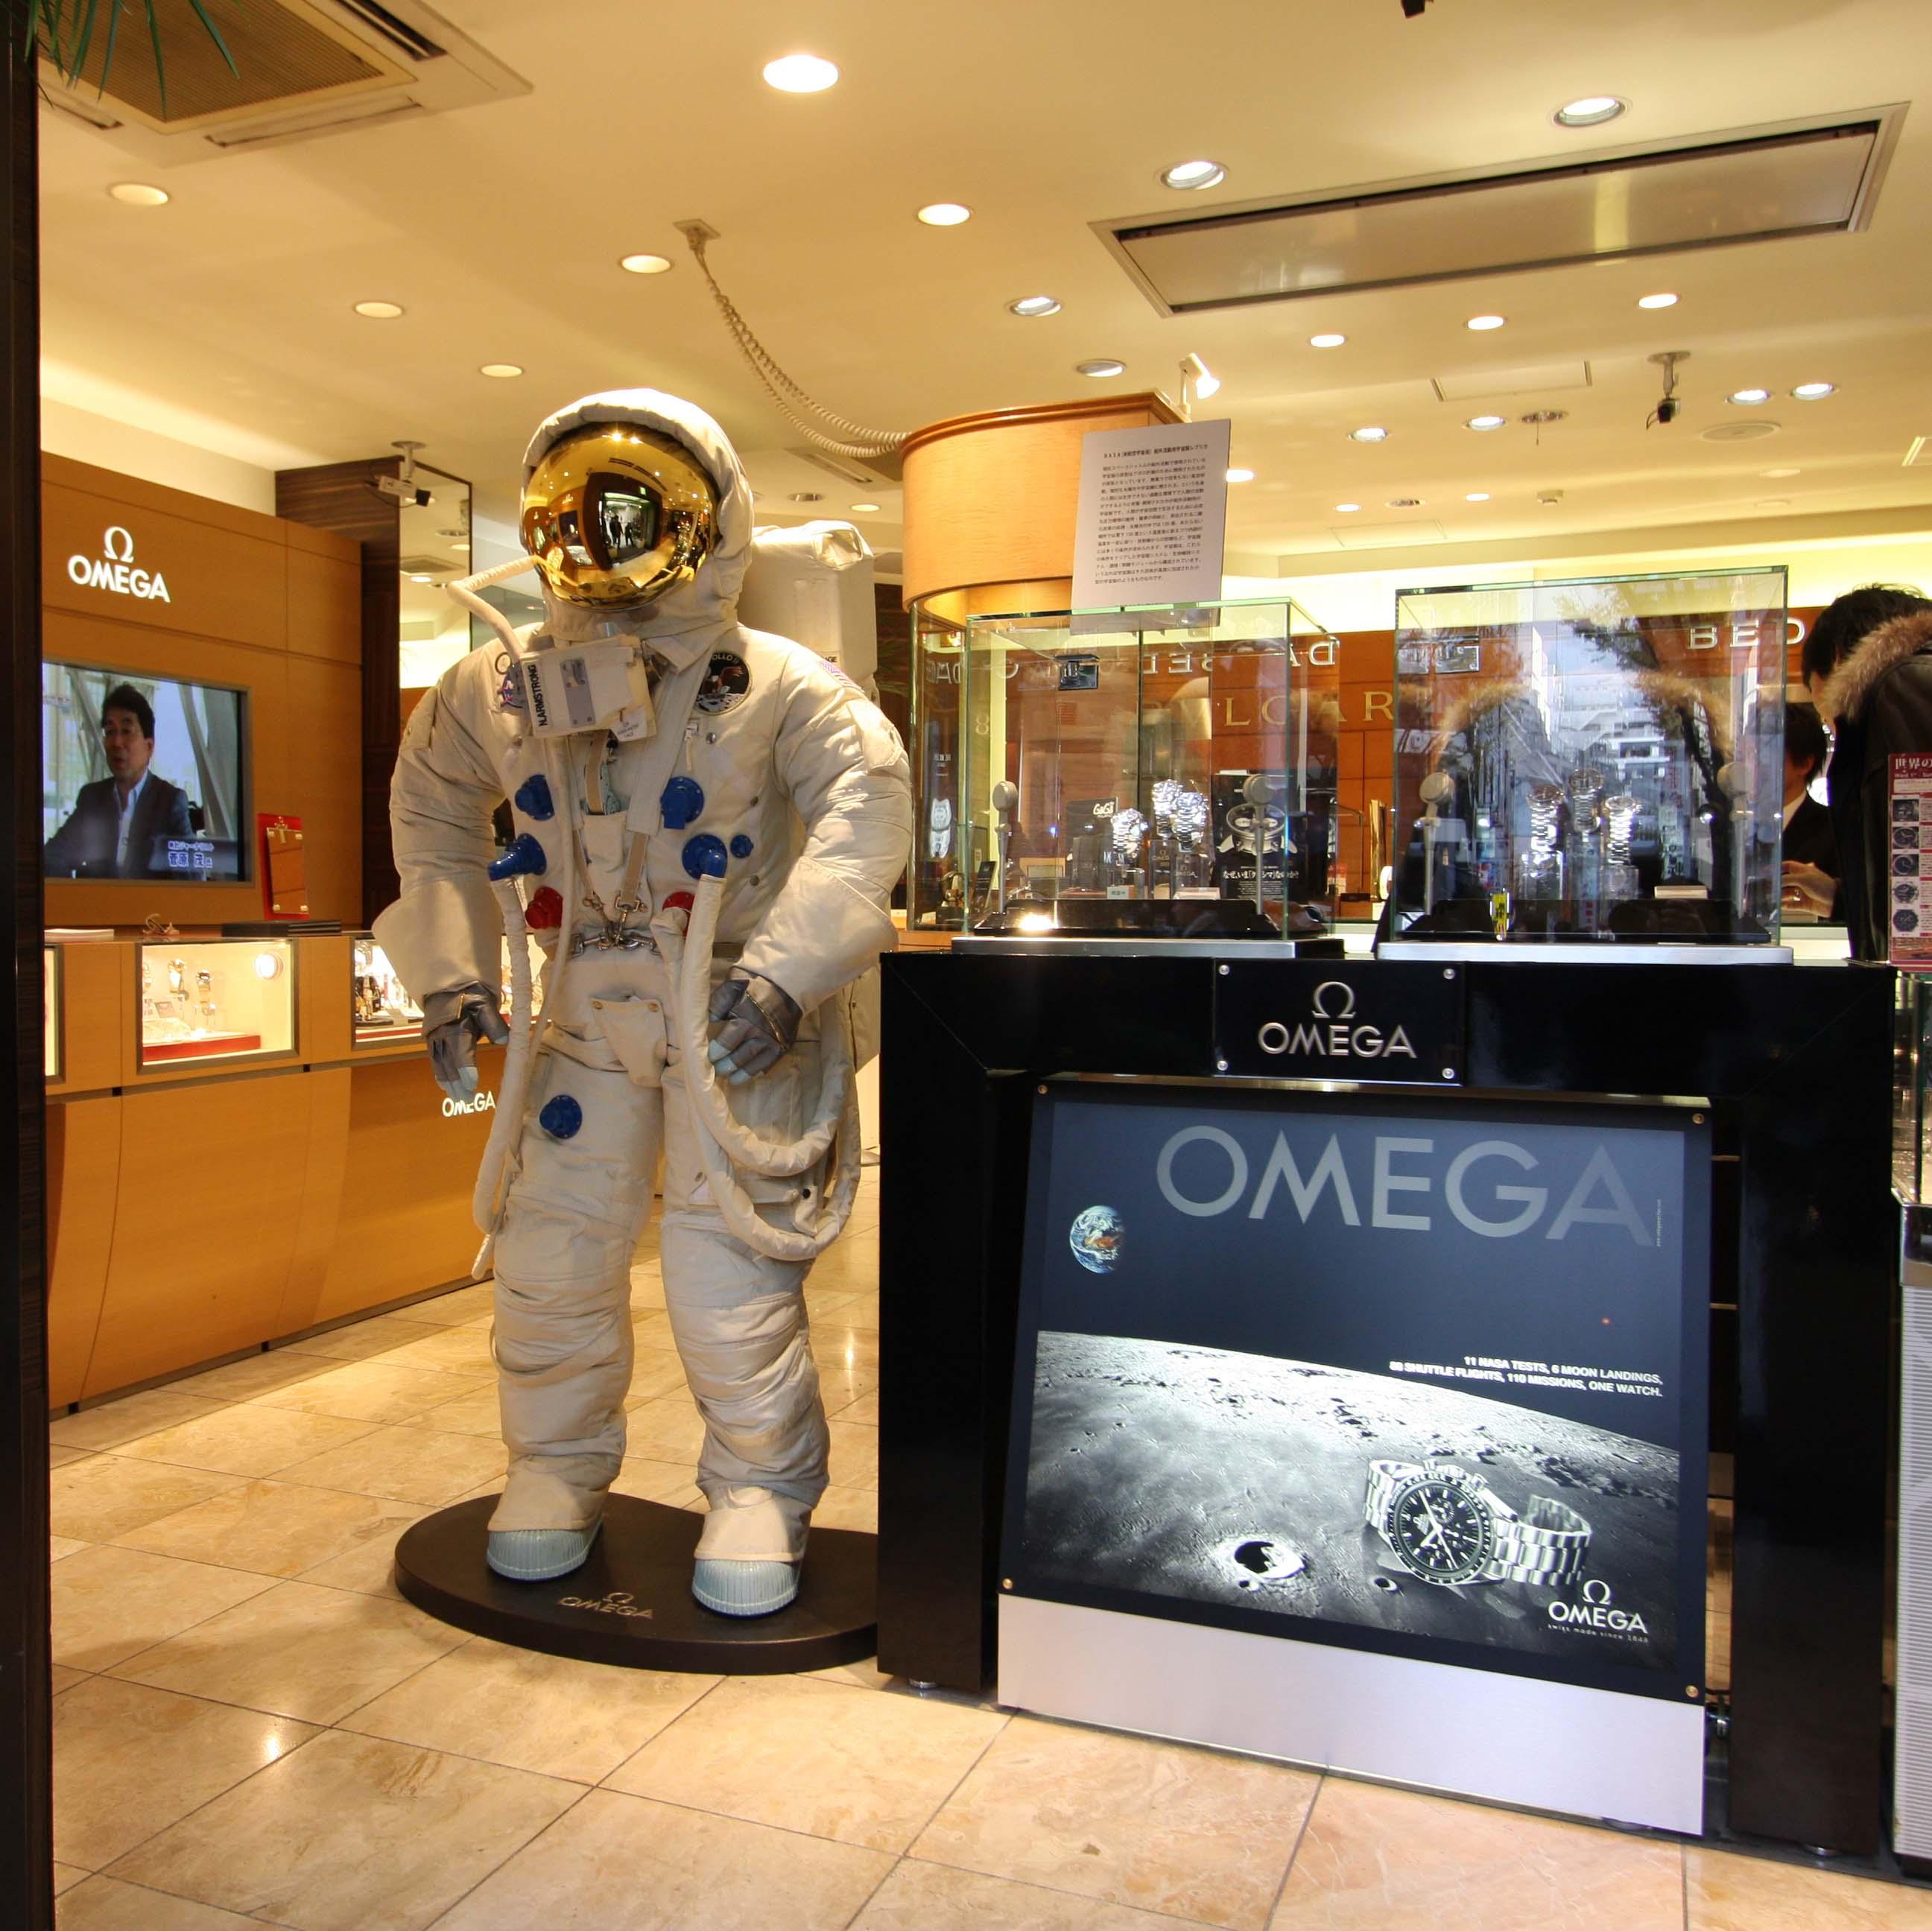 アームストロング船長の宇宙服レプリカ展示中/BEST新宿本店_f0039351_11115091.jpg